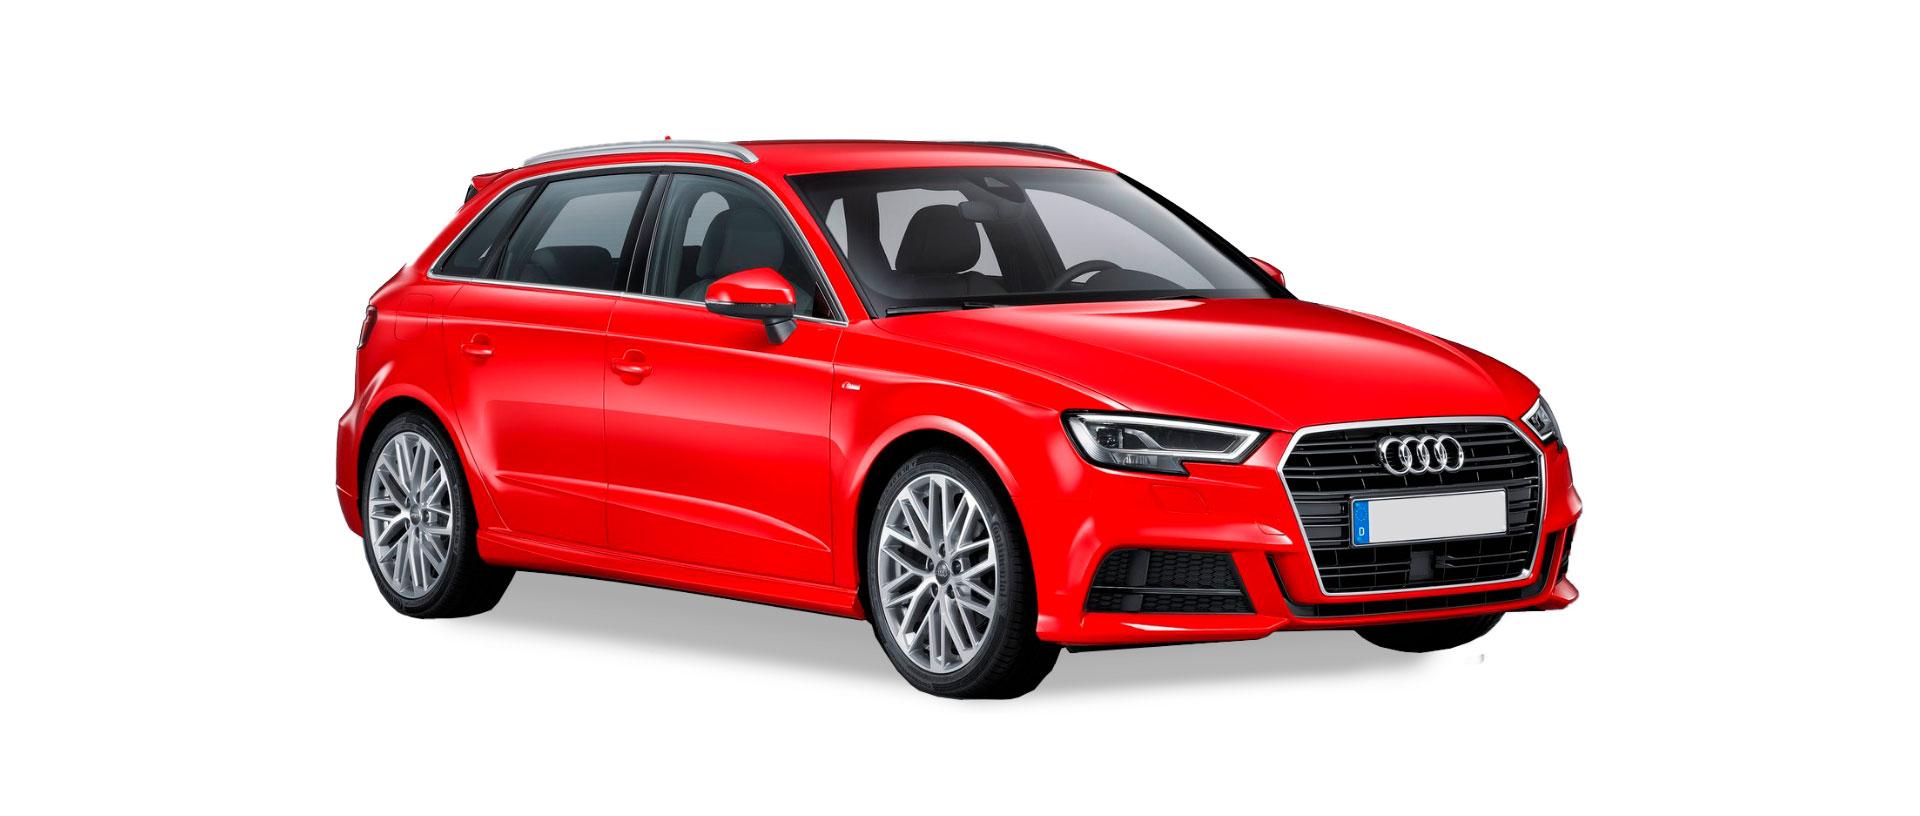 Alquilar un Audi A3